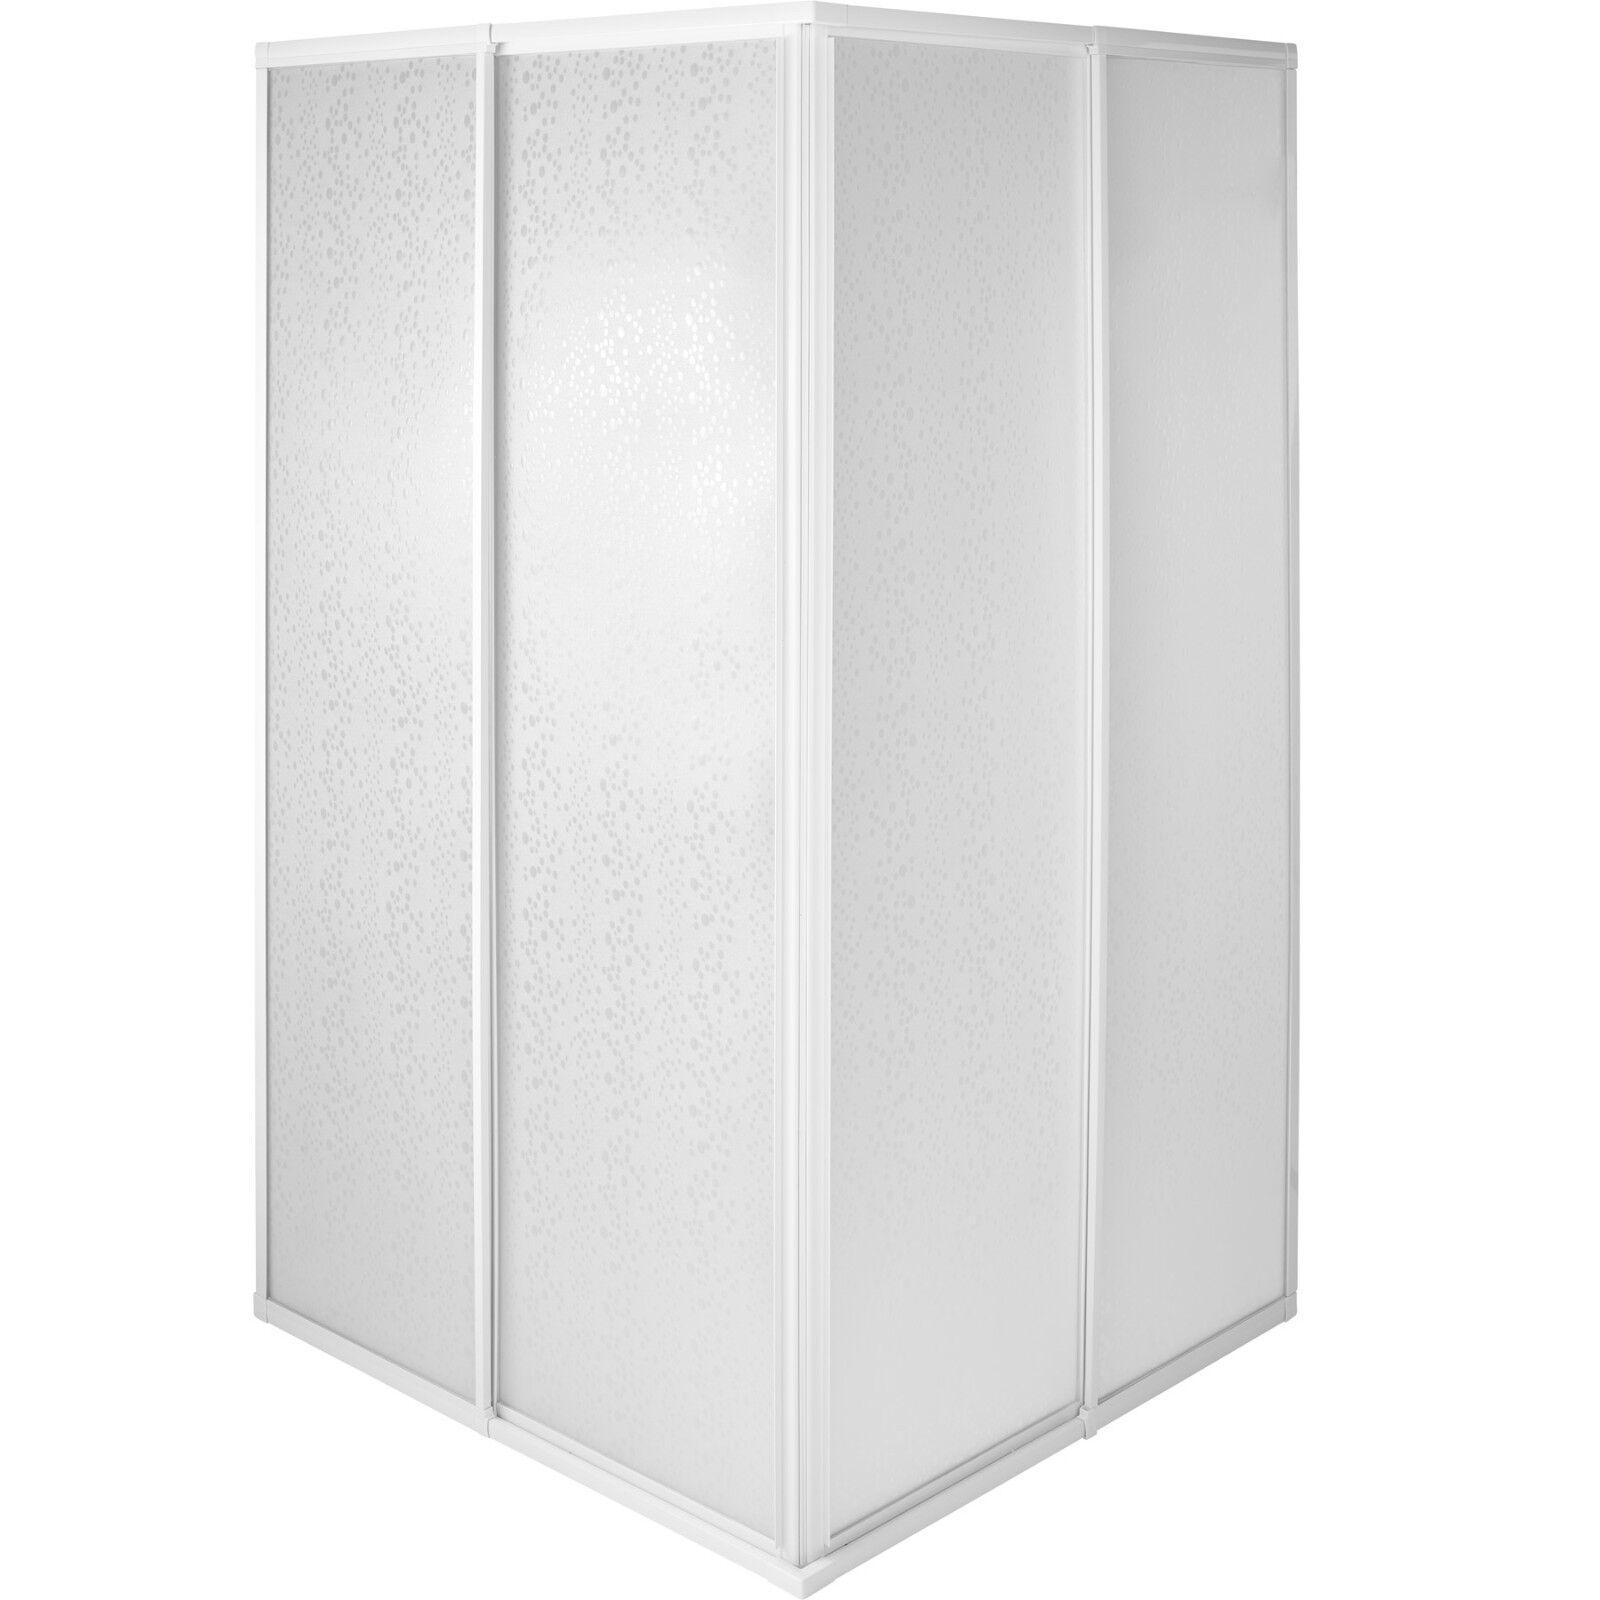 Mampara de ducha Cabina parouge separadora de ducha puerta corrougeera 90x90x185 cm